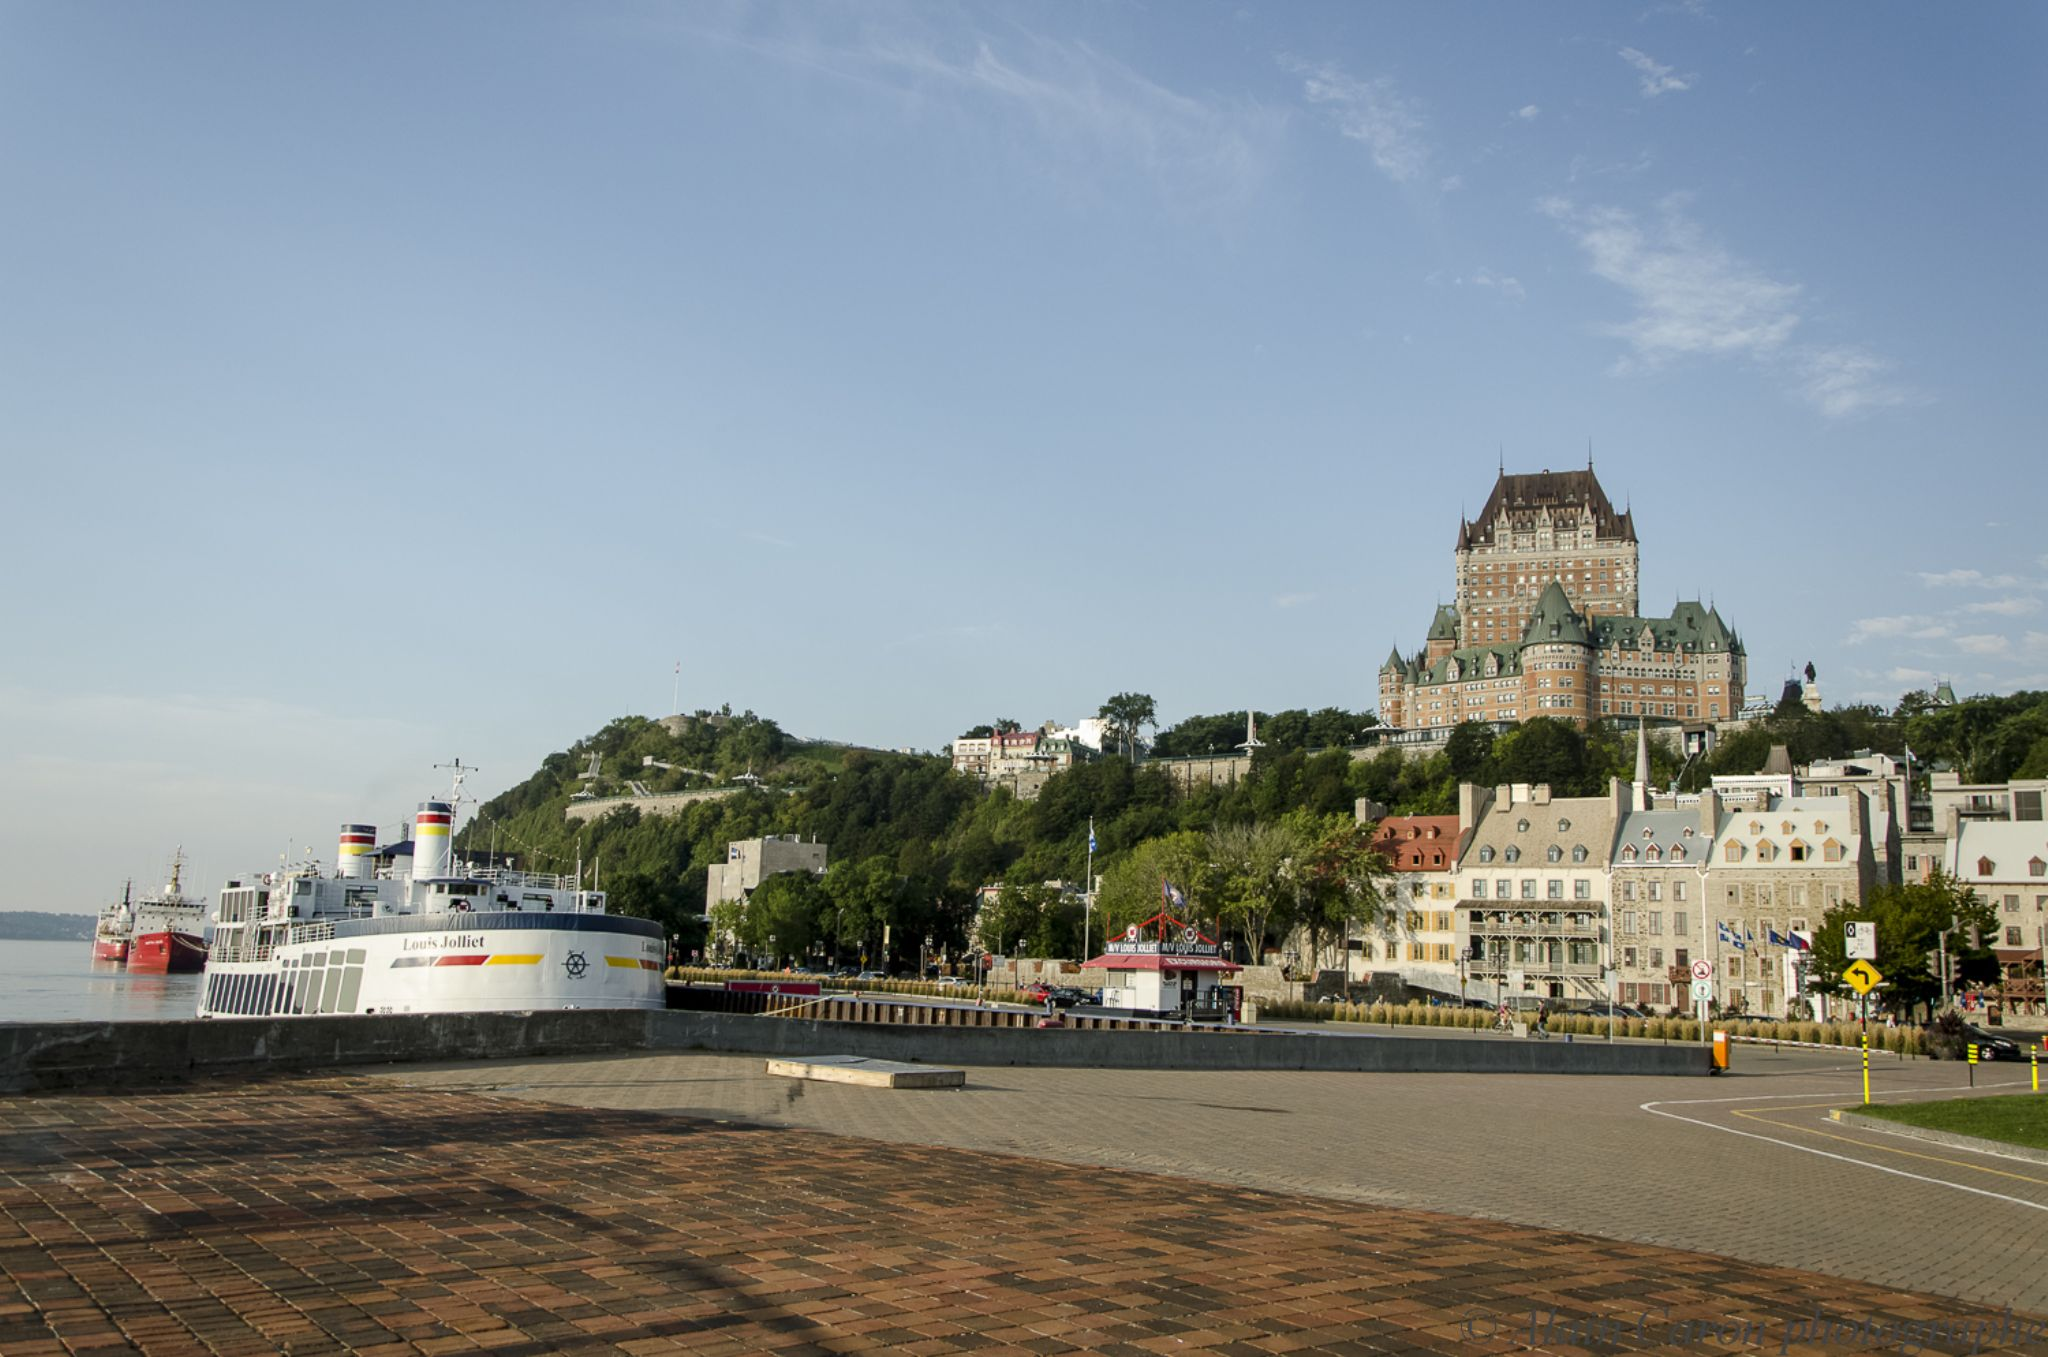 Québec city September 2014 by Allan Caron